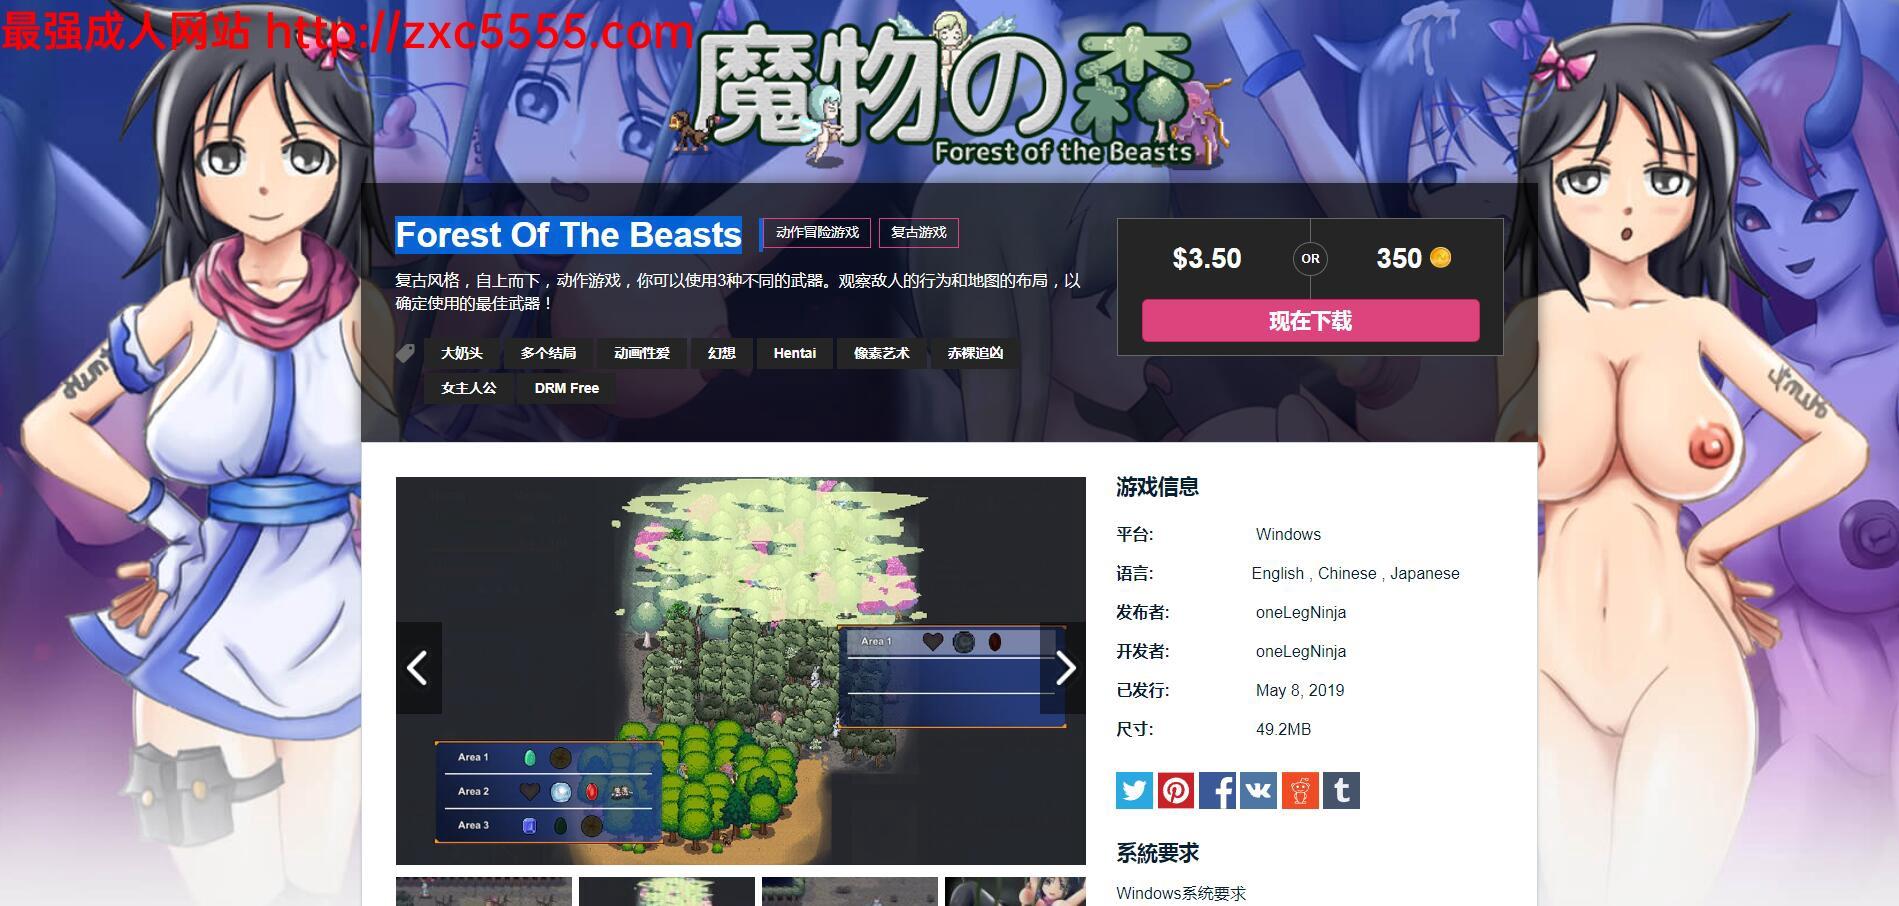 【ARPG中文动态】魔物之森!Forest Of The Beasts官方中文完整版【150M】 11